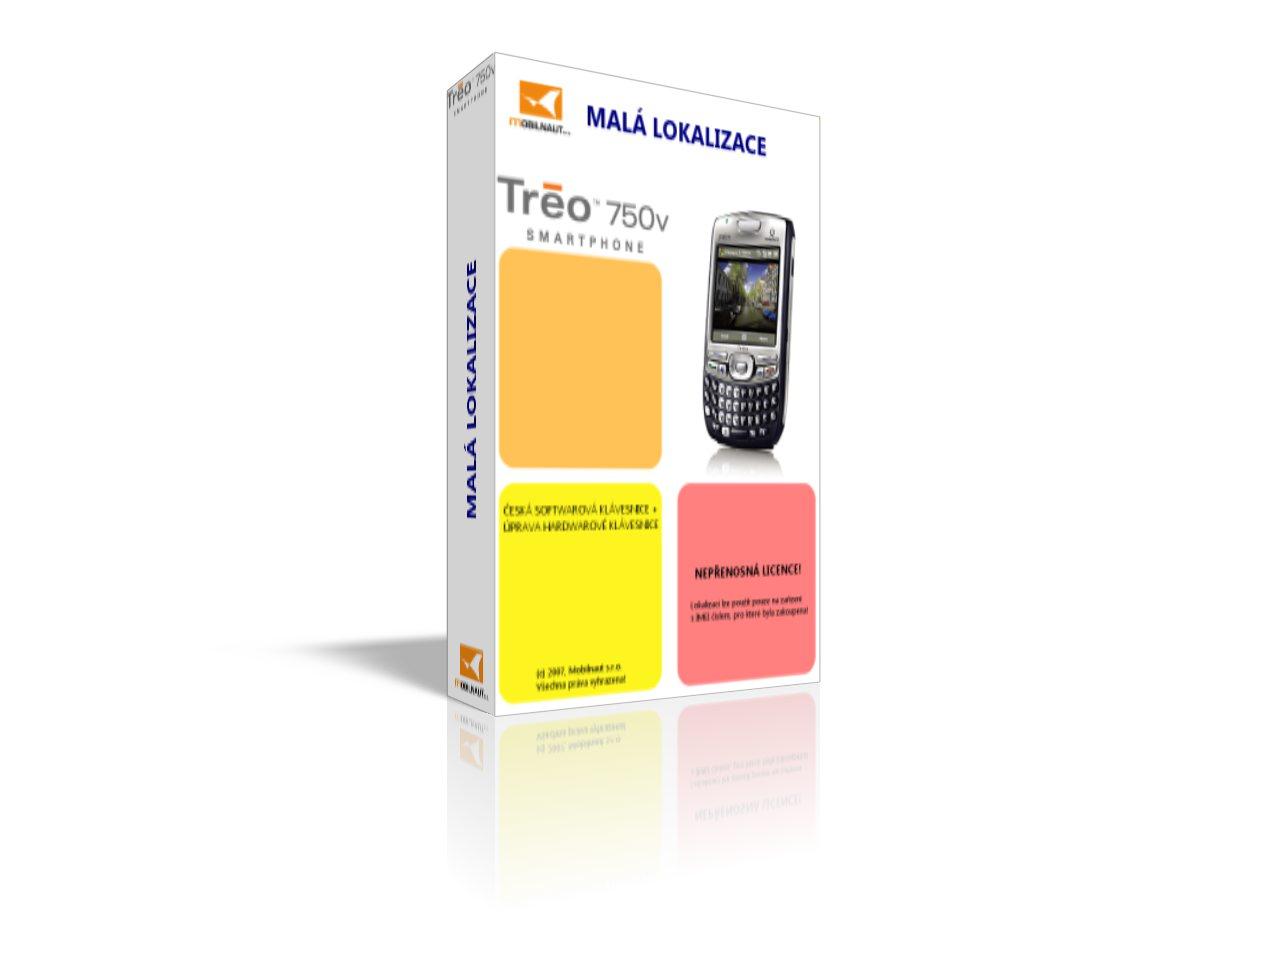 Mobilnaut - malá lokalizace pro Treo 750